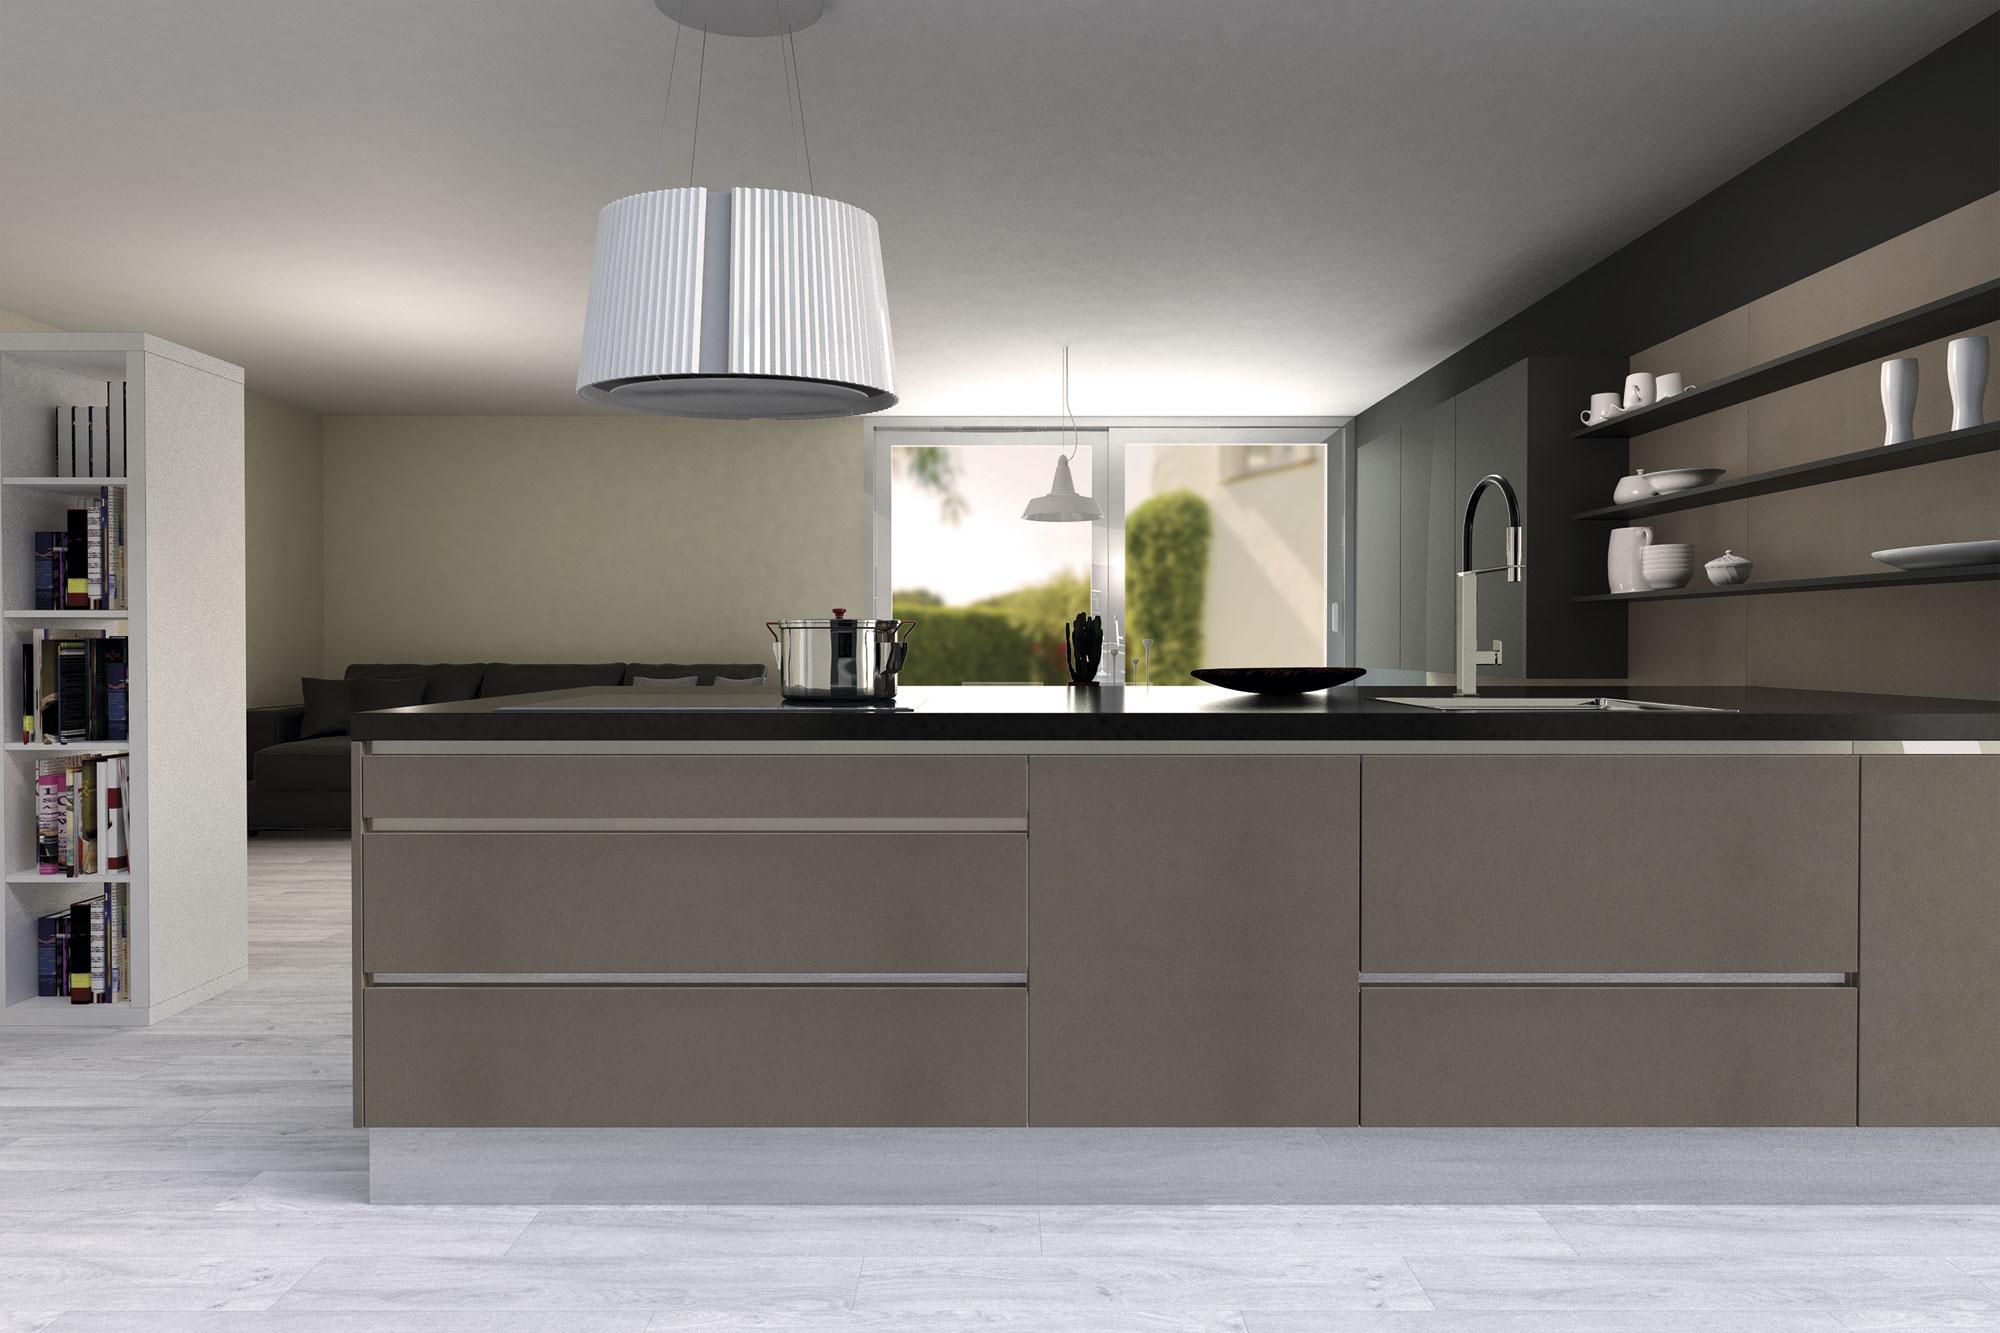 Muebles de cocina disenove cocinas de estilo minimalista - Encimeras alvic ...